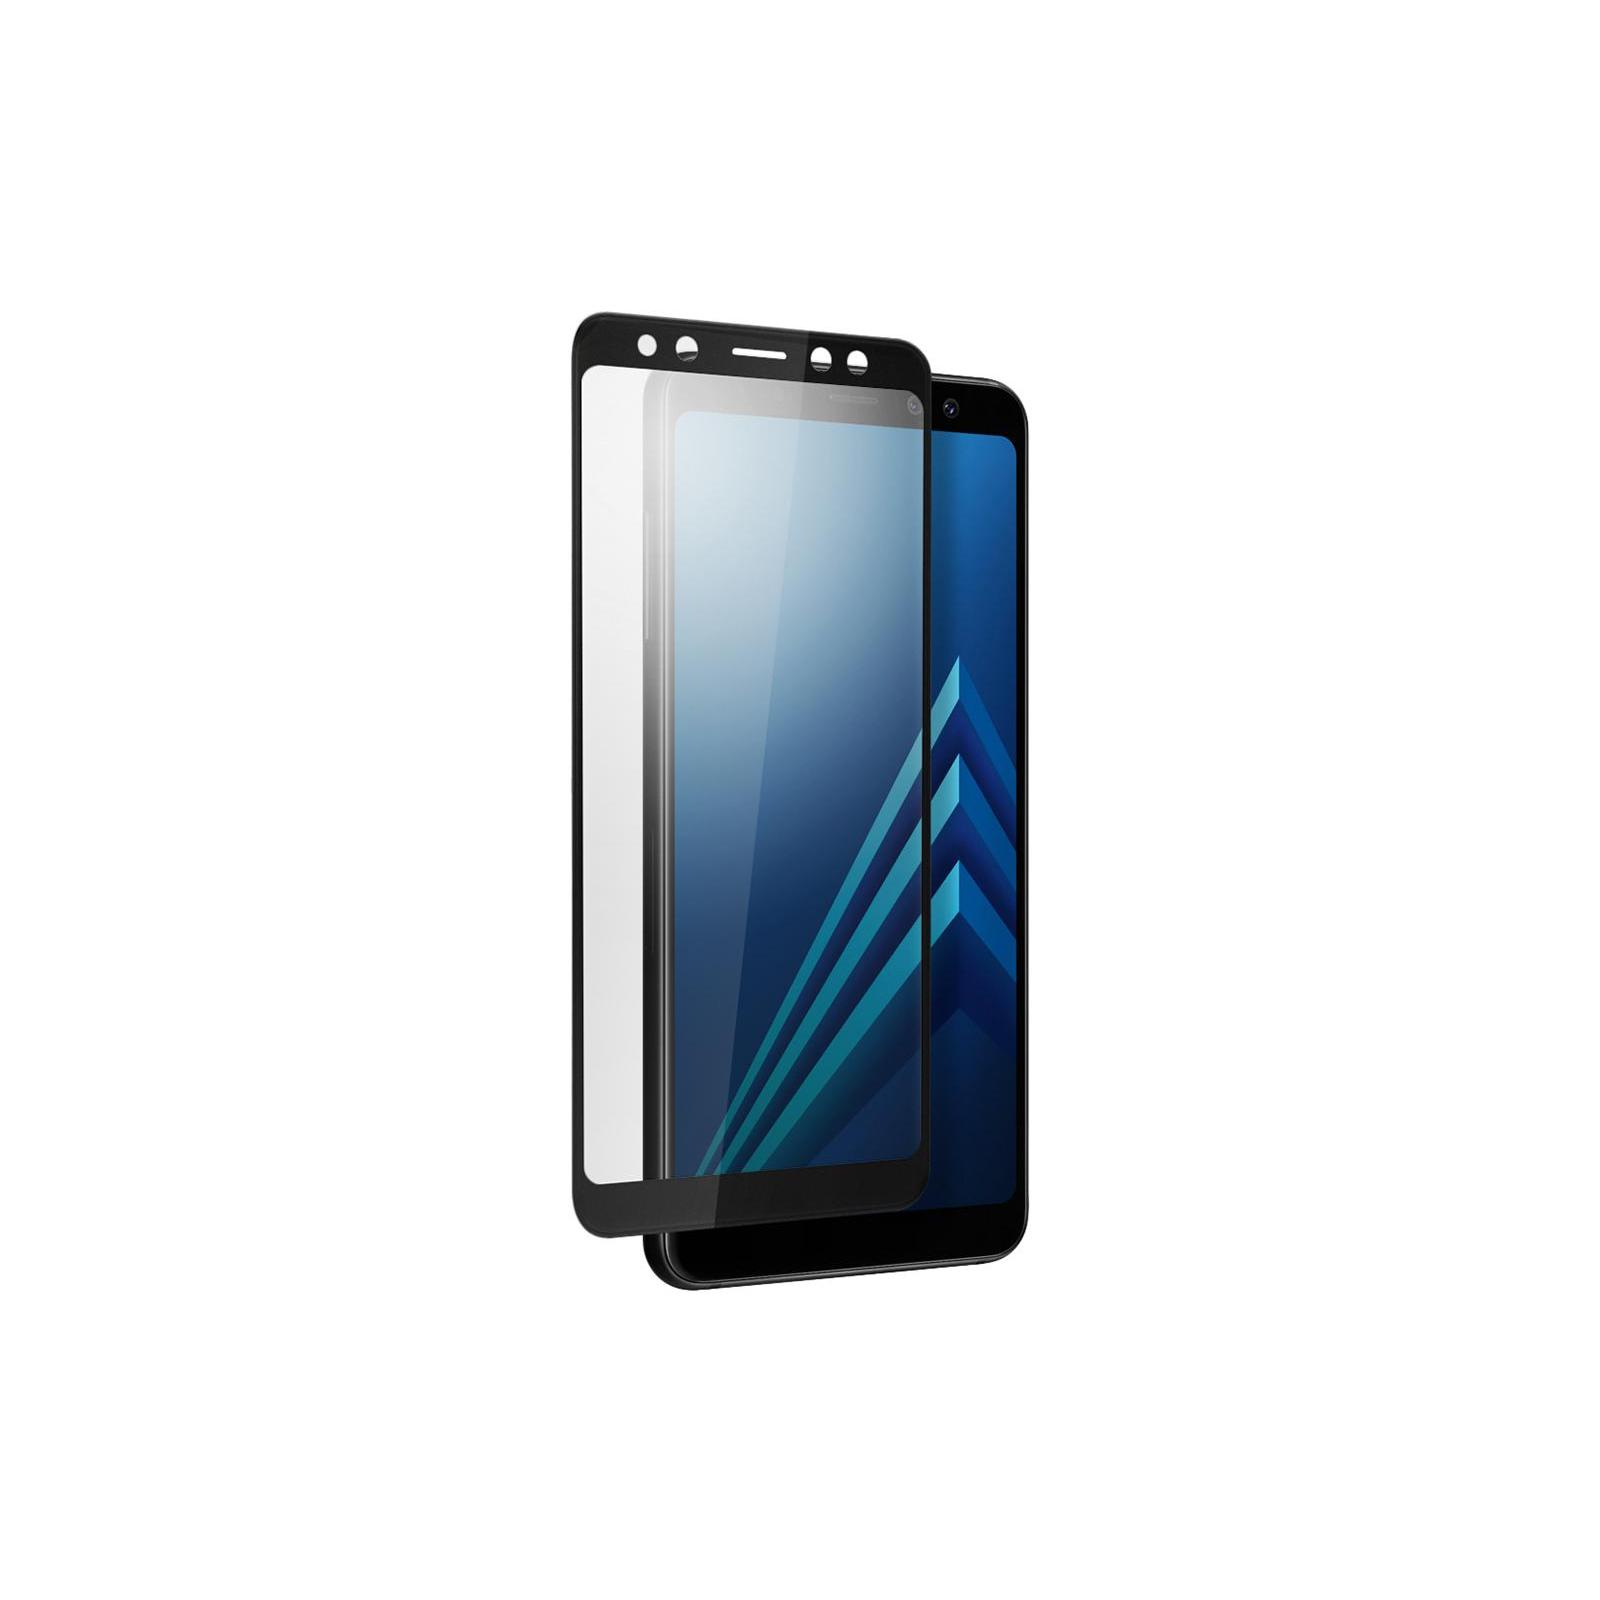 Стекло защитное Vinga для Samsung Galaxy A8 Plus (2018) A730 (VTPGS-A730) изображение 2